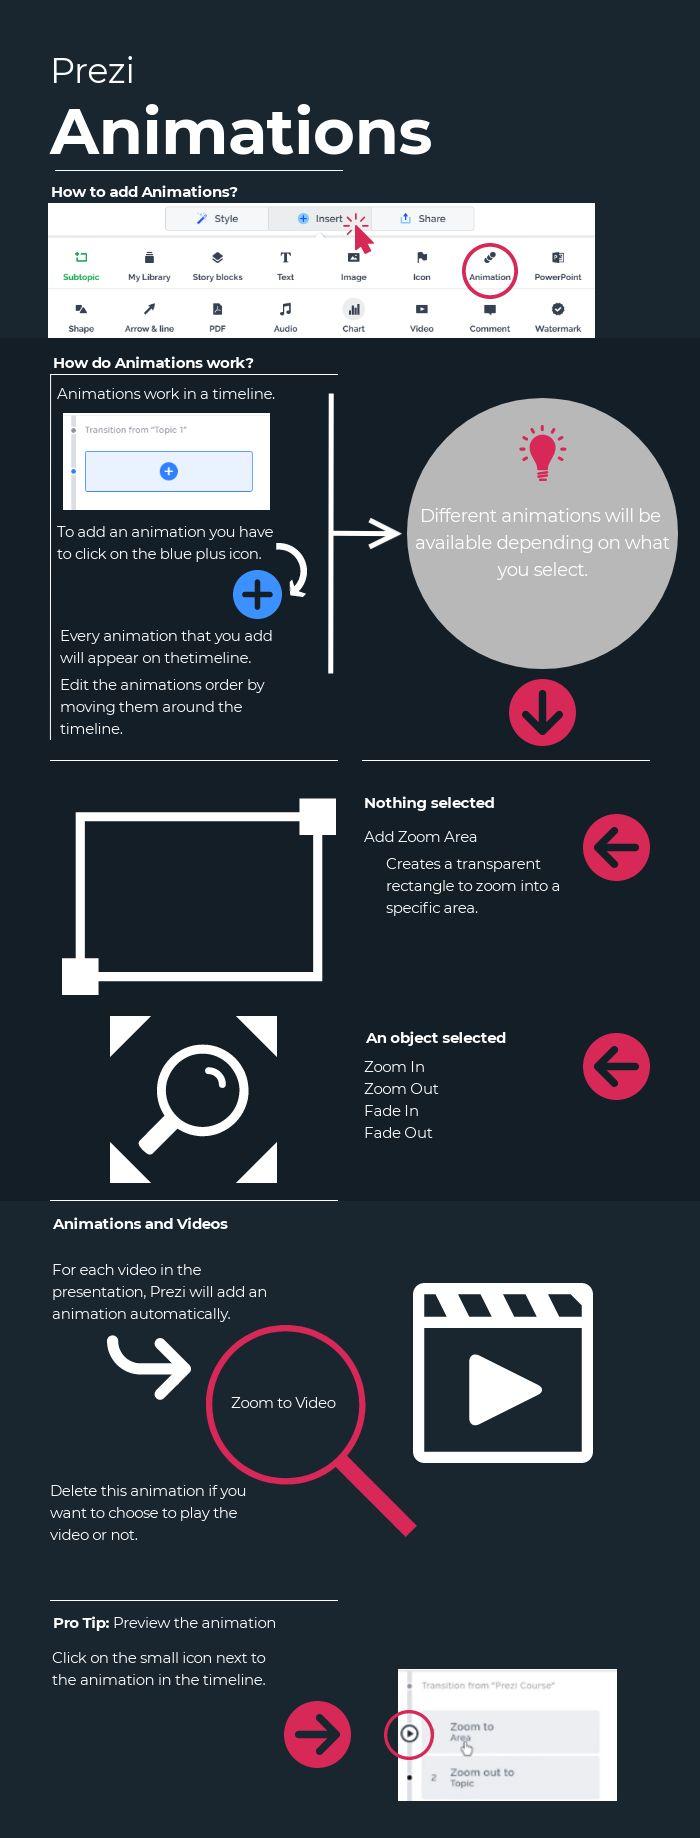 Prezi Animations Infographic